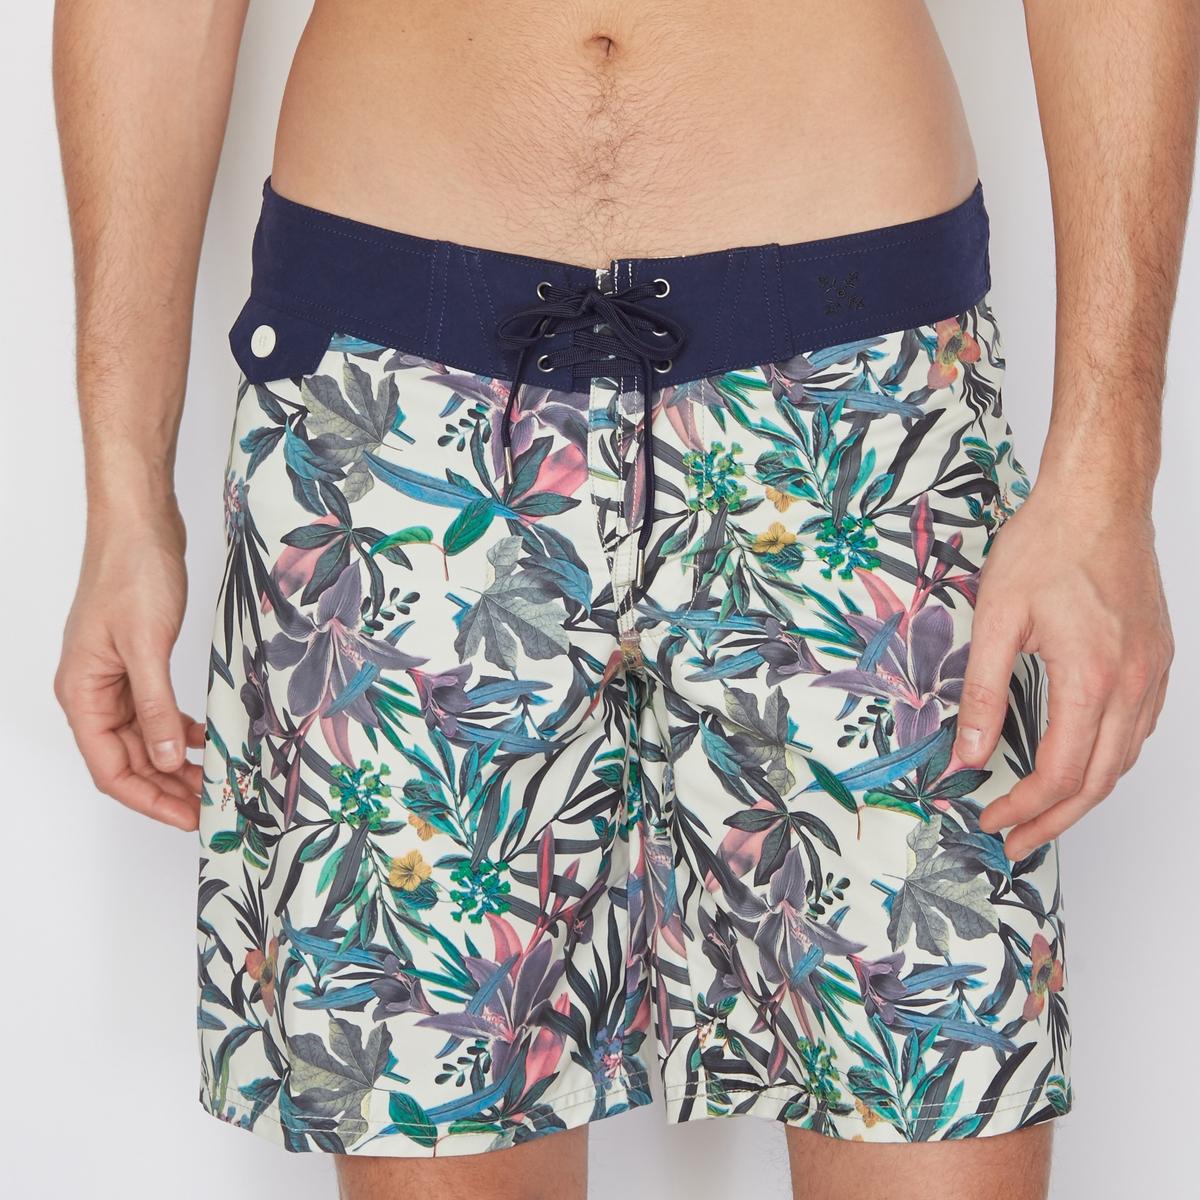 Шорты с рисункомШорты для плавания OXBOW.  Шорты в тропическом стиле яркой расцветки с поясом и контрастными карманами. Плоский пояс с 6 люверсами. Вышитый логотип. Водоотталкивающая, быстро сохнущая ткань.Состав и описание :Материал : 100% полиэстера.Марка : OXBOW.Соответствие размеров : 28=S, 30=M, 31/32=L, 33/34=XL, 36/2XL.<br><br>Цвет: рисунок тропики<br>Размер: M.XL